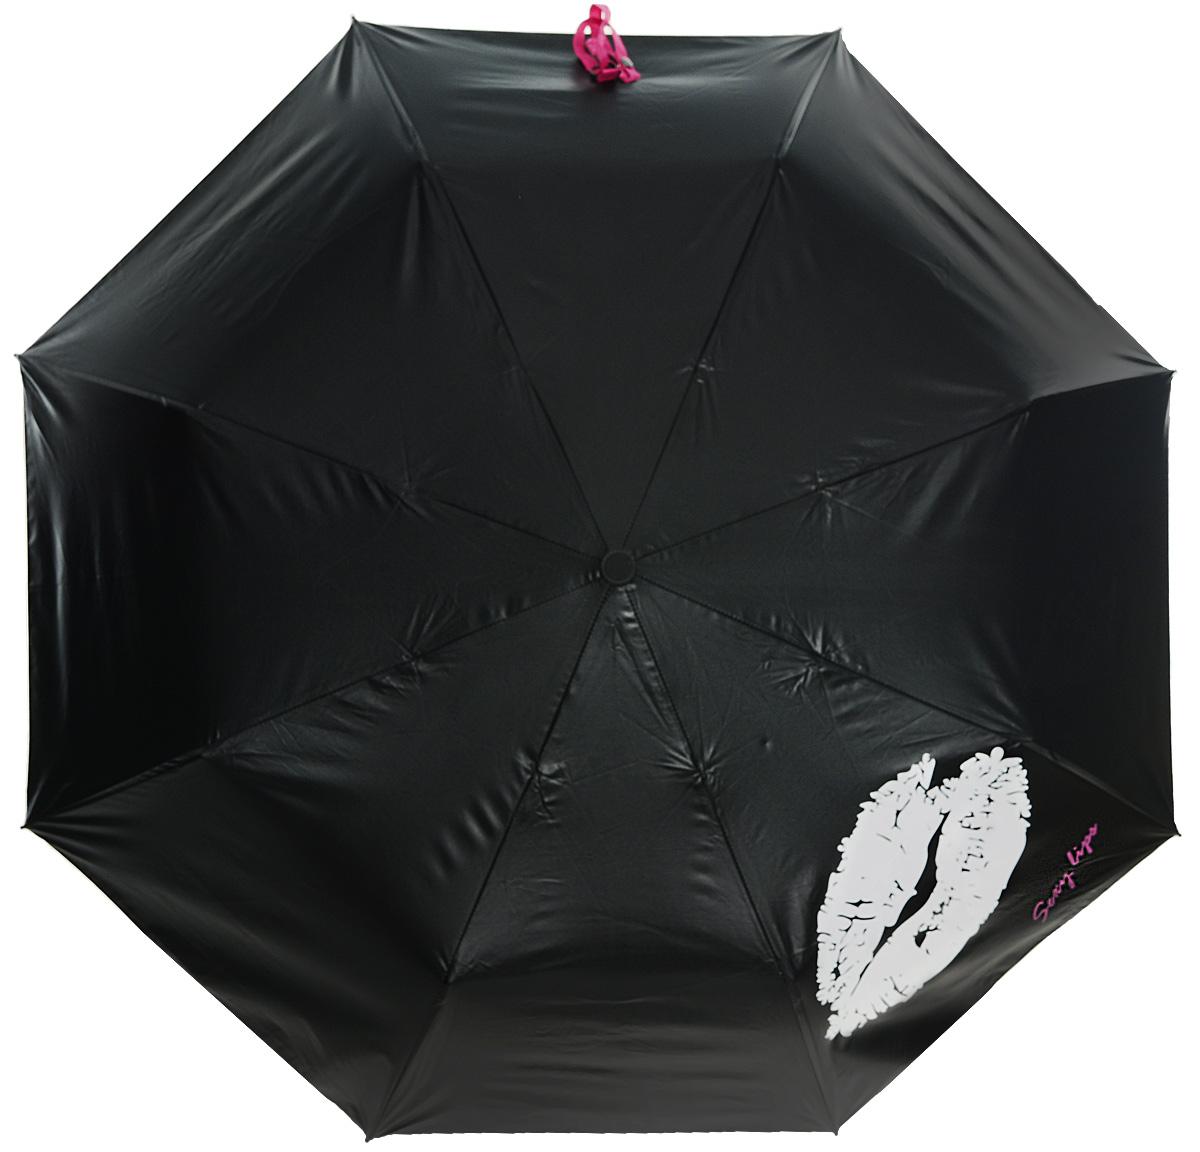 Зонт Эврика Губы, цвет: черный, розовый. 97836Серьги с подвескамиОригинальный зонт из непромокаемого водонепроницаемого материала со специальным нанесением (рисунок) , при воздействии влаги рисунок меняет цвет.Красочная подарочная упаковка, размер упаковки 28х7х7 см, материал картон.